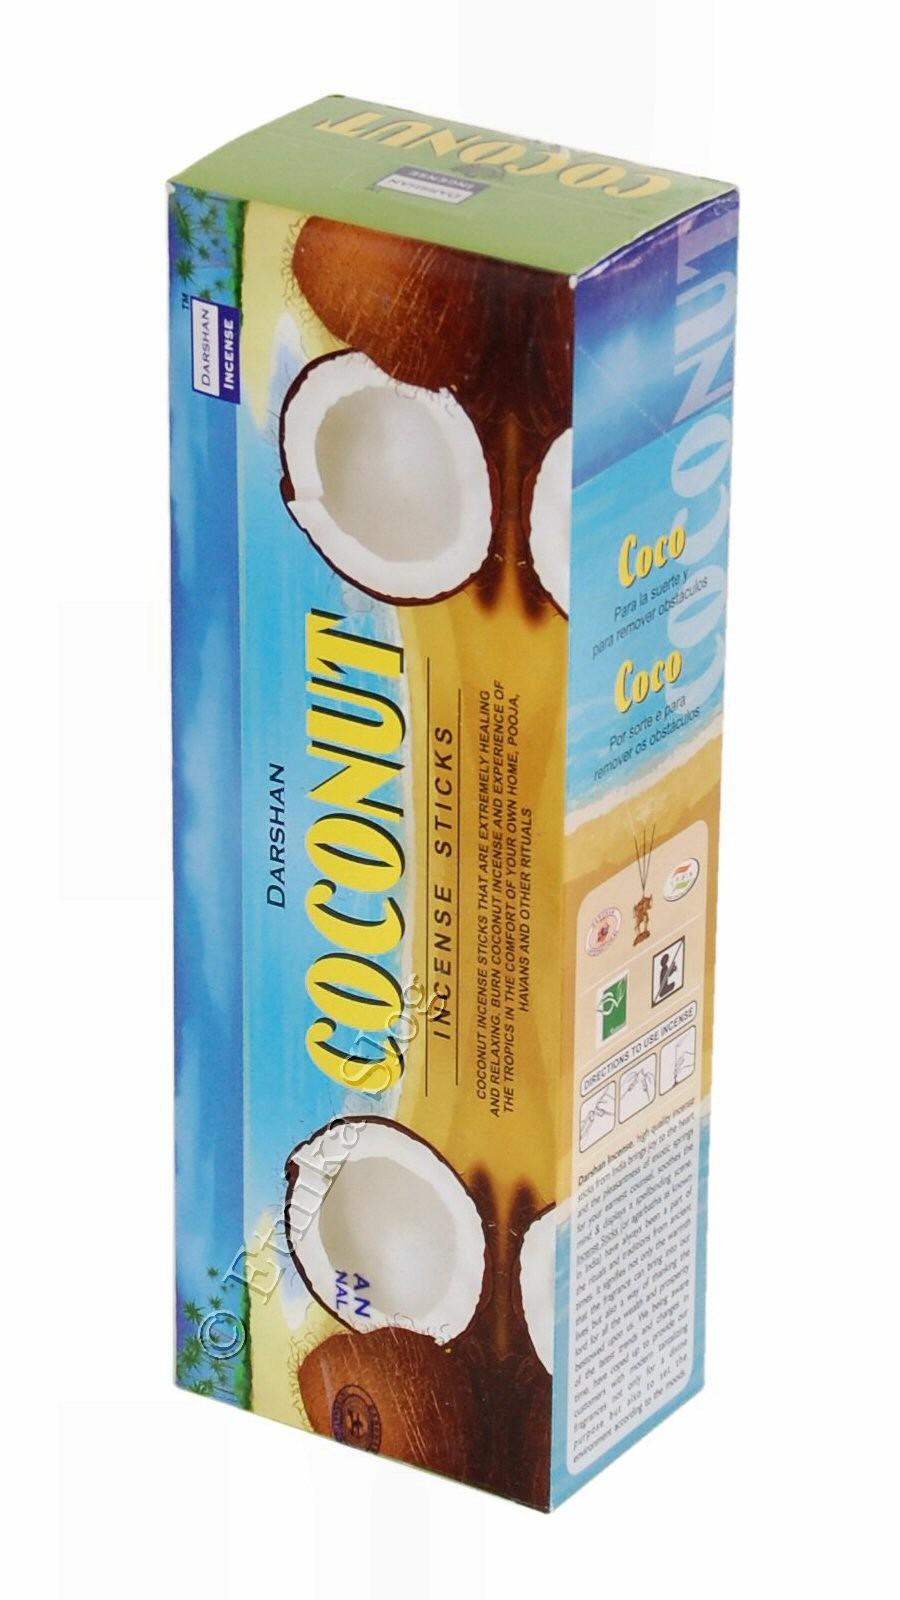 INCENSE HEXAGONAL 6 BOXES INC-X001-96 - com Etnika Slog d.o.o.